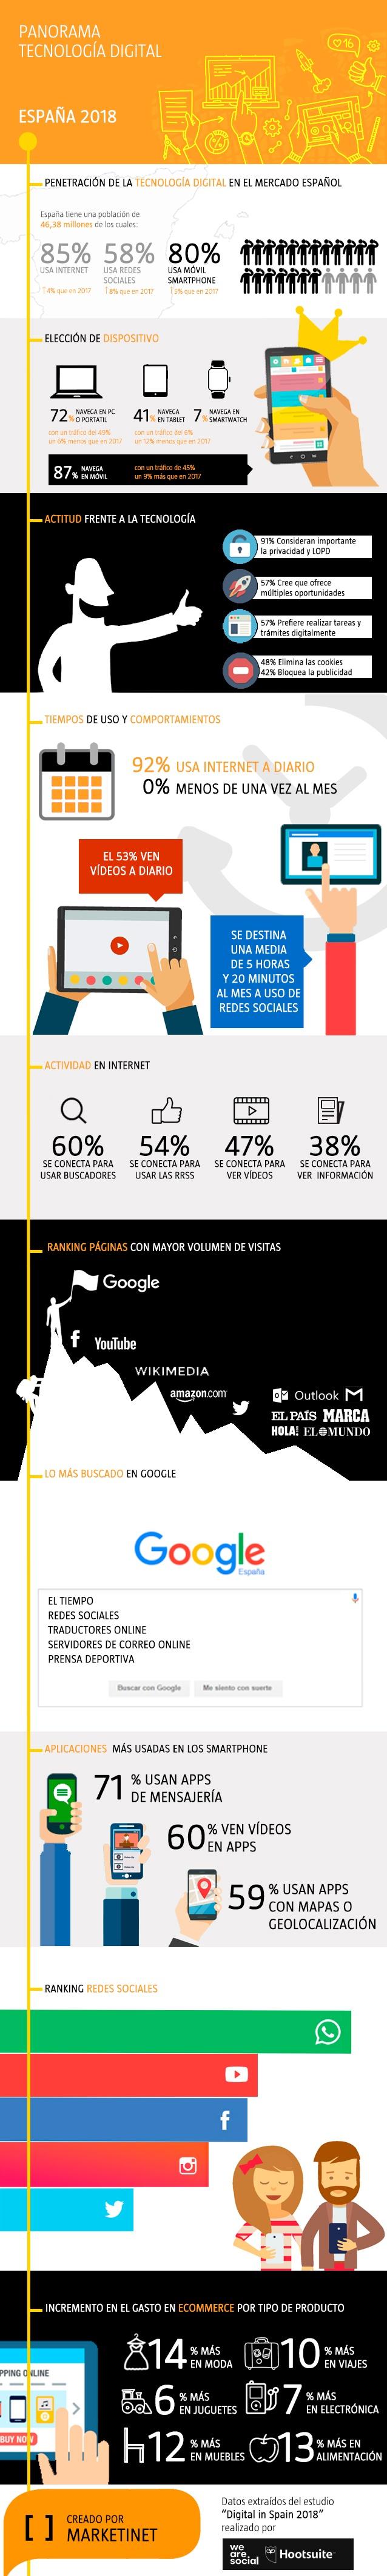 Infografía Panorama de la tecnología digital en España en 2018